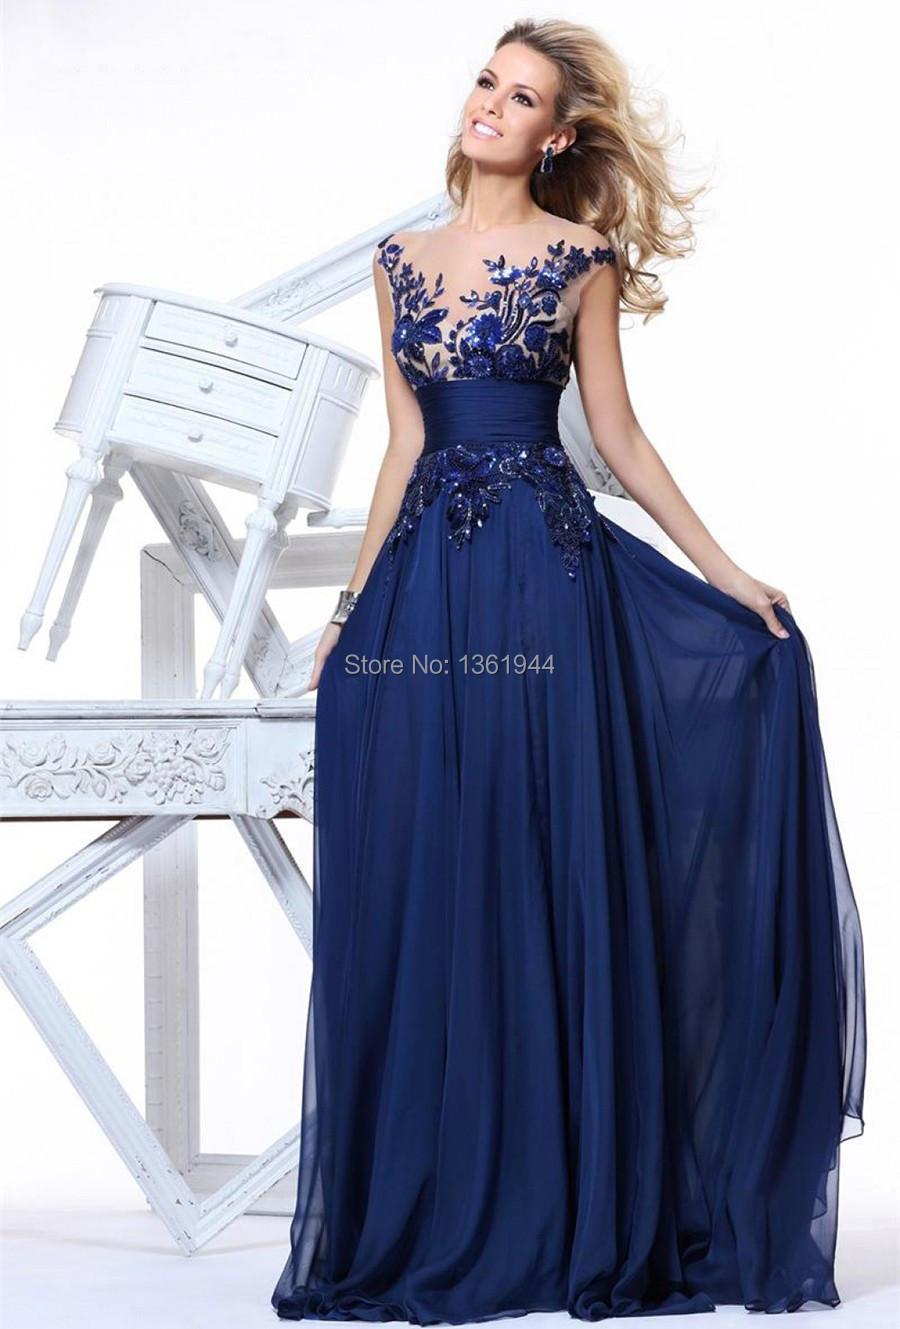 Formal Long Dresses For Women